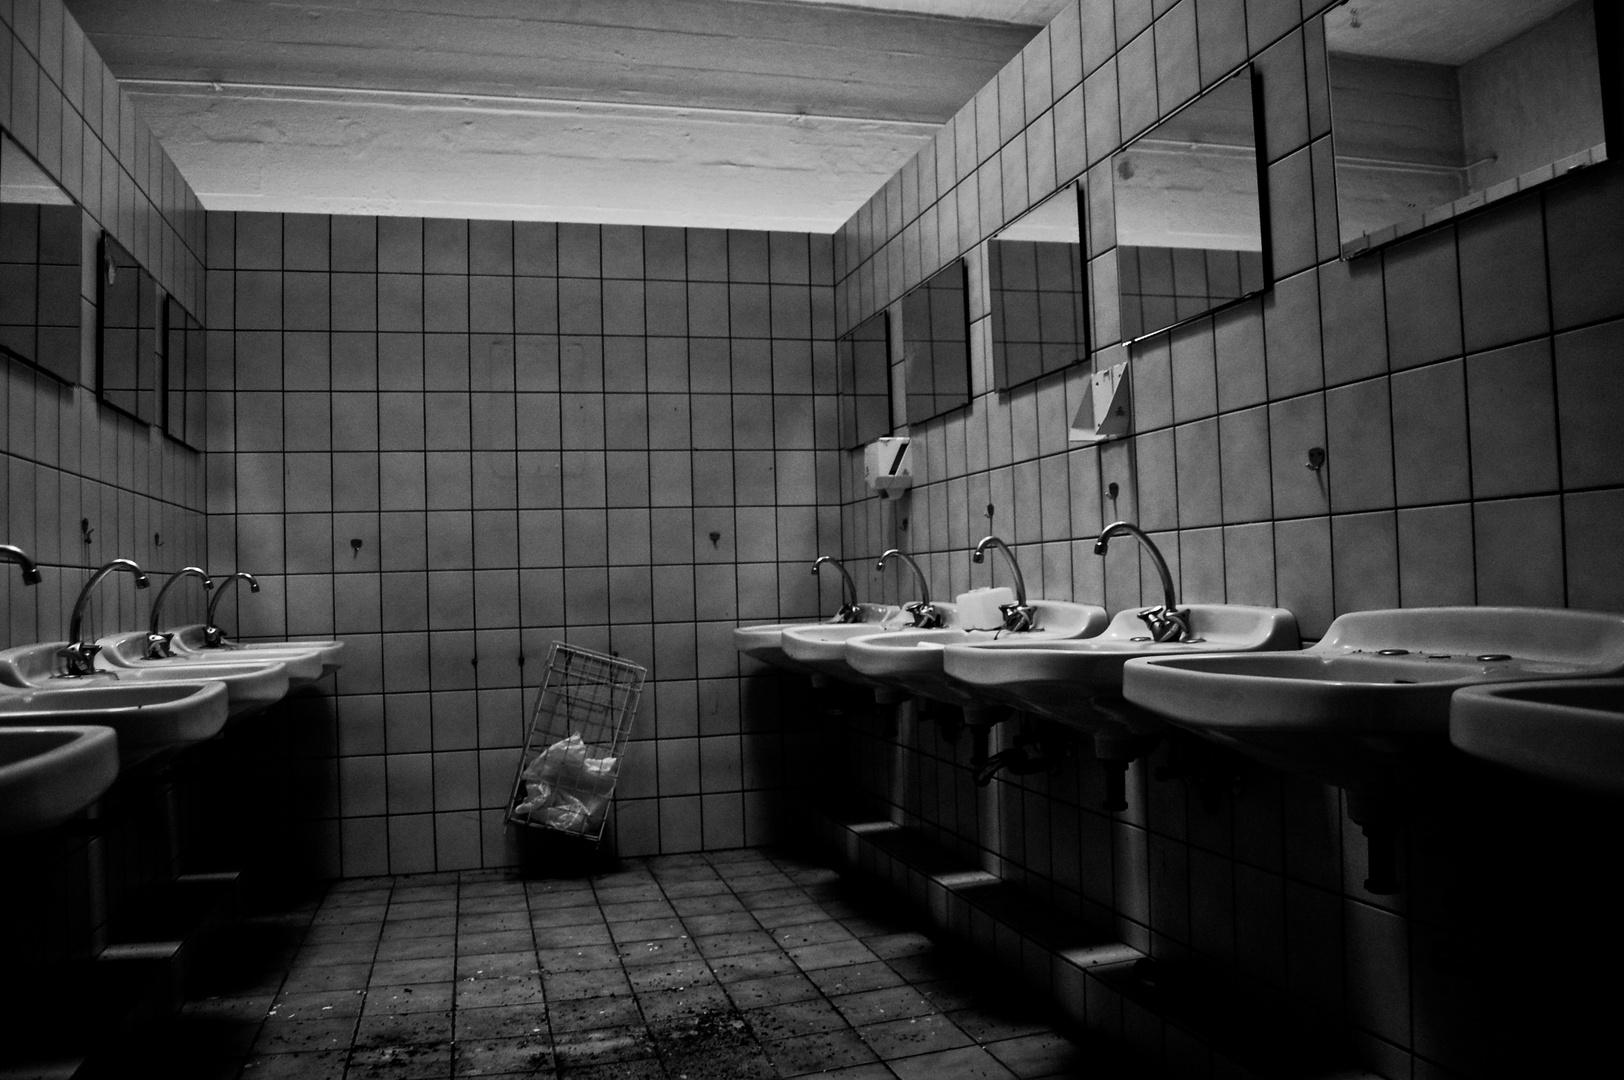 Waschbecken-Relikt der versagten Weiternutzung